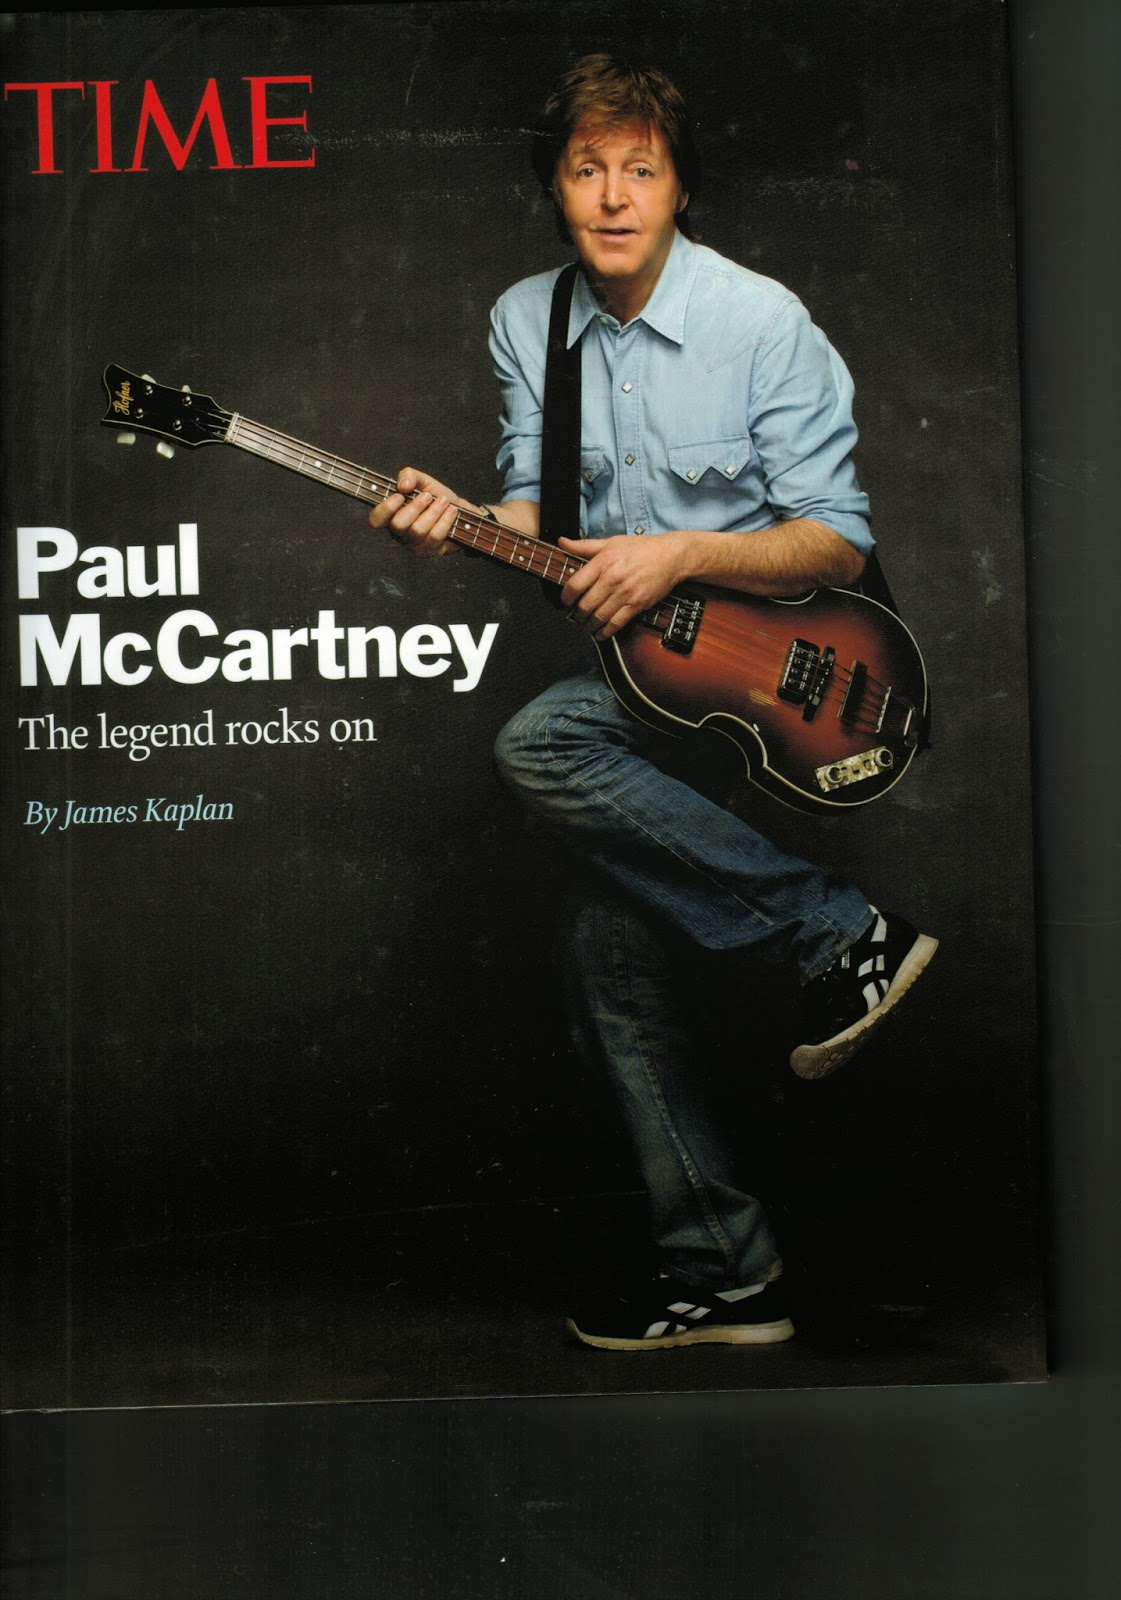 ポール・マッカートニーの画像 p1_39